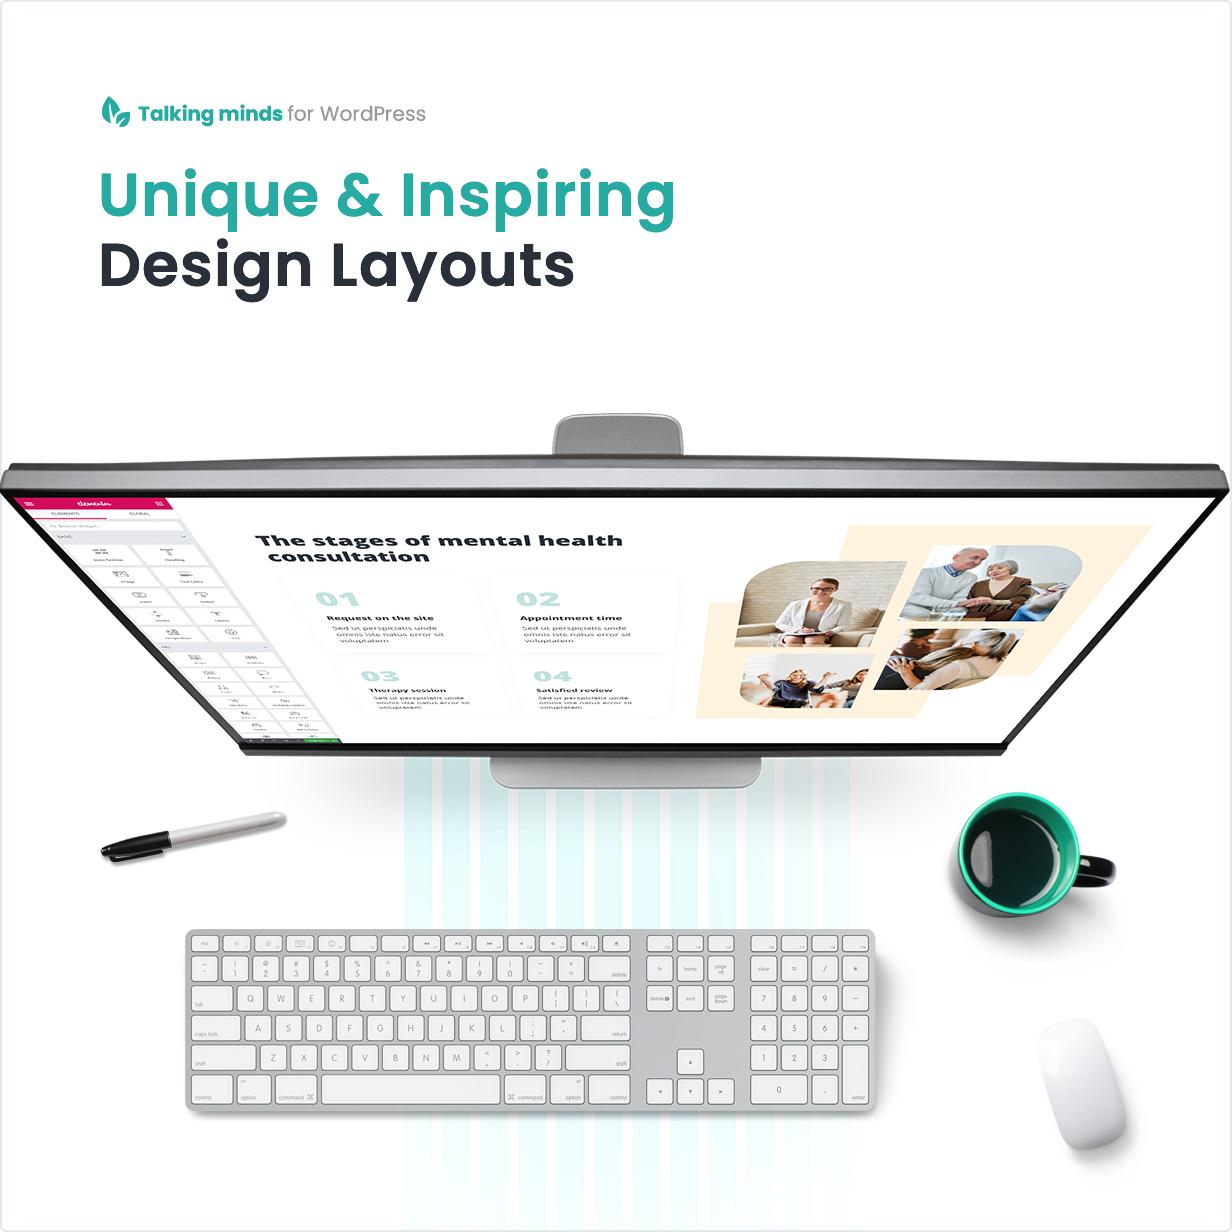 Unique & Inspiring Design Layouts